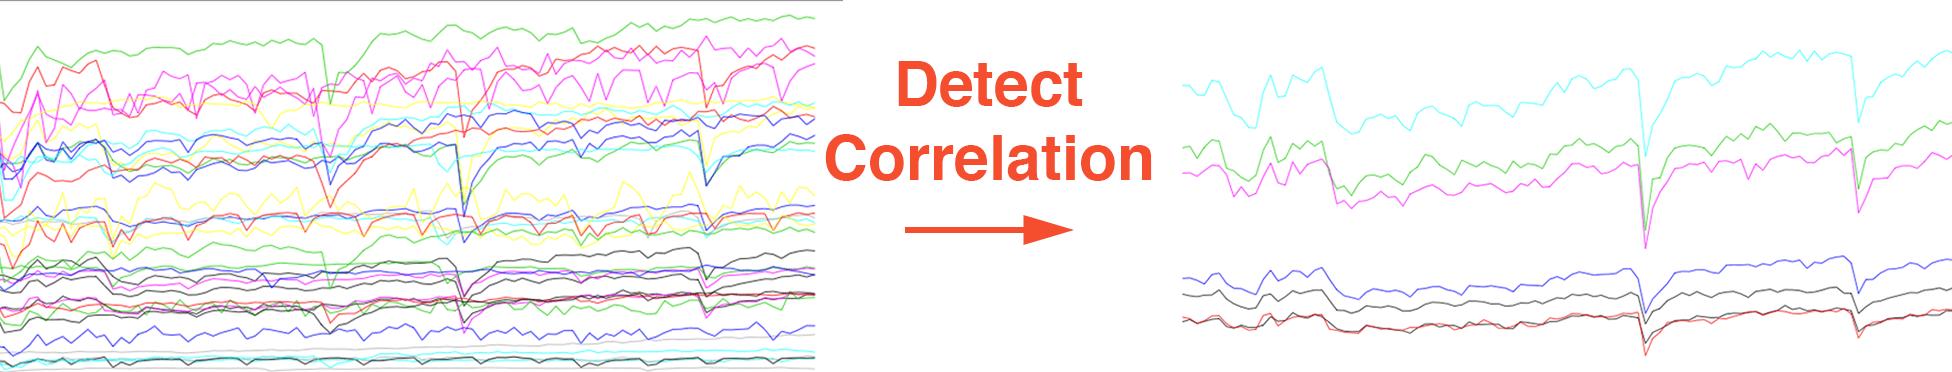 detect-correlation